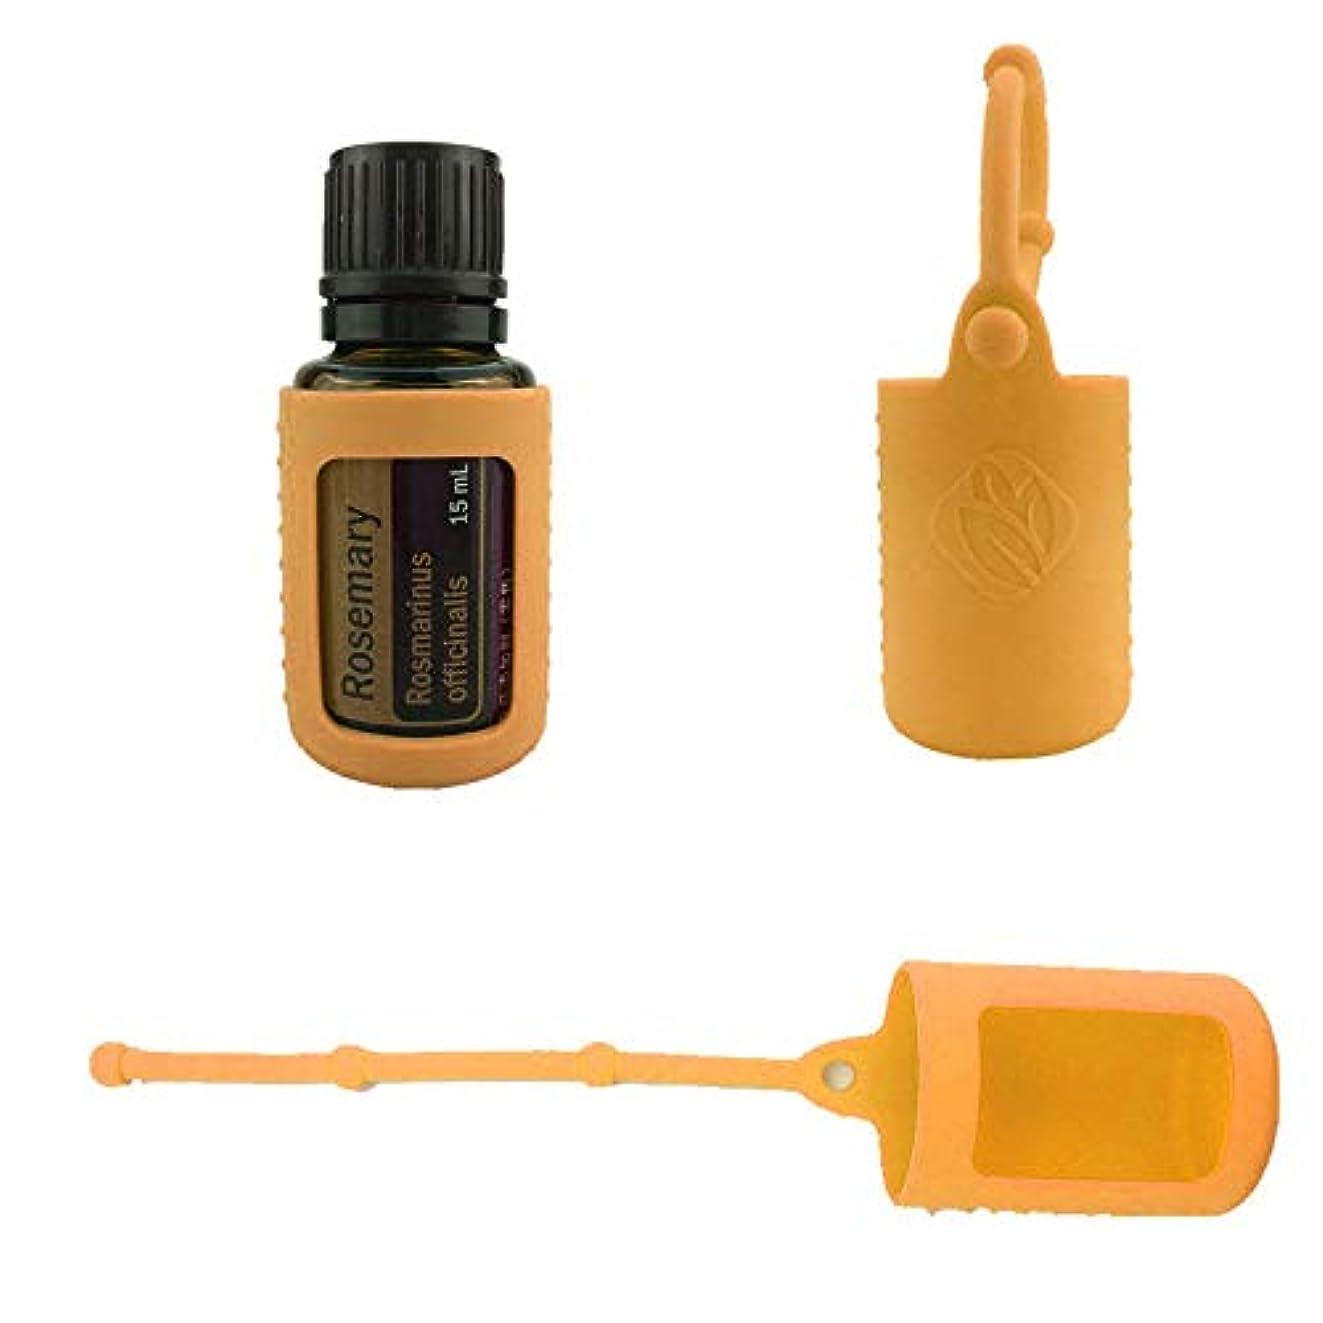 オーケストラ色酒6パック熱望オイルボトルシリコンローラーボトルホルダースリーブエッセンシャルオイルボトル保護カバーケースハングロープ - オレンジ - 6-pcs 15ml